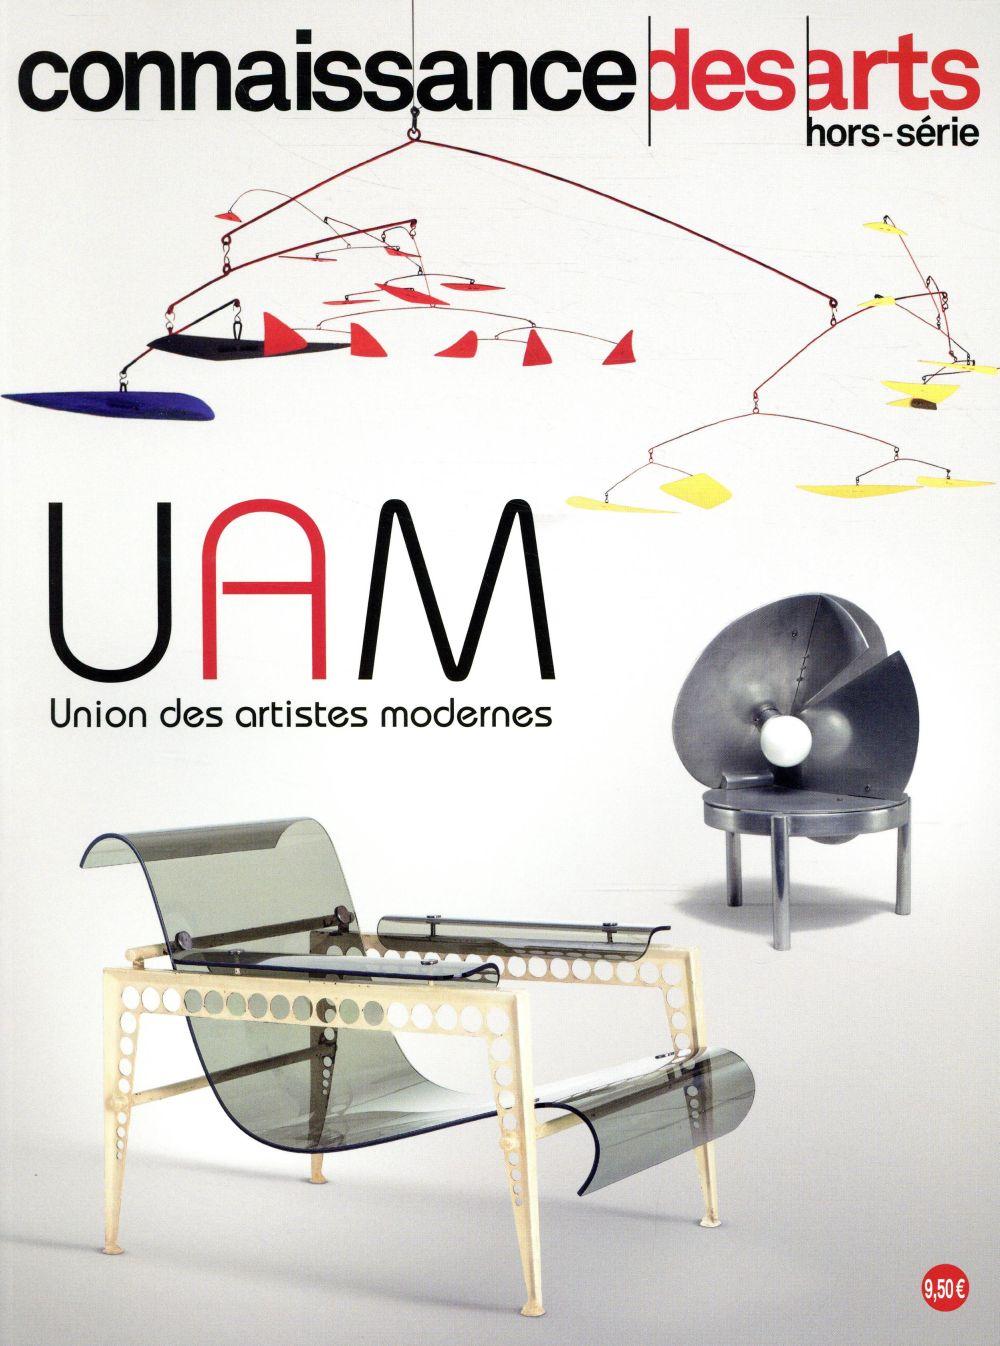 Connaissance des arts hors-serie ; uam union des artistes modernes